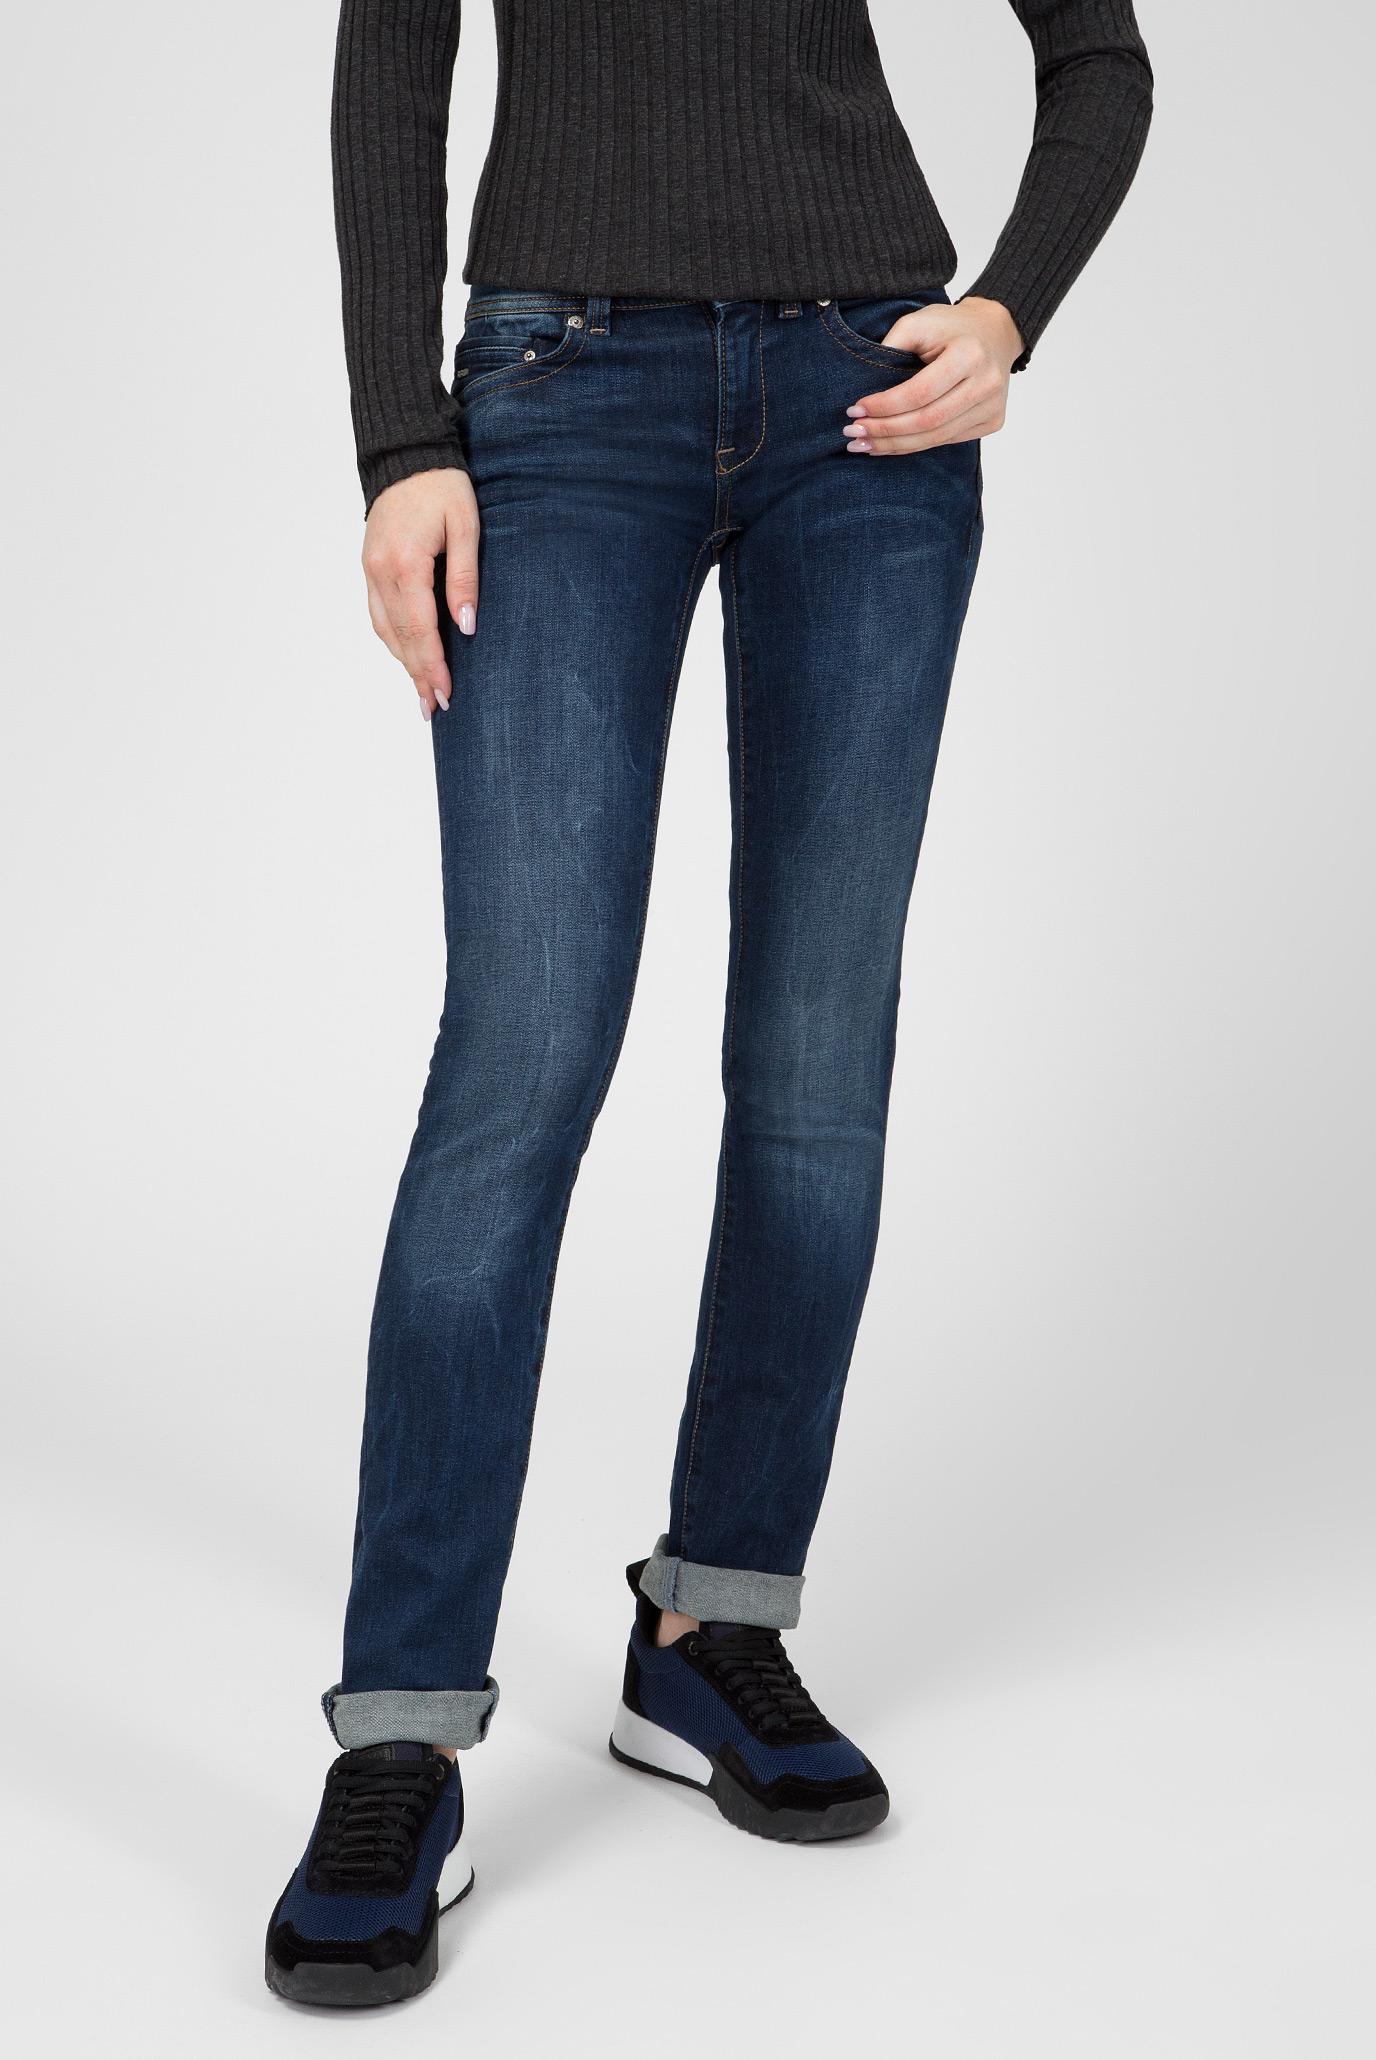 Купить Женские темно-синие джинсы Midge Saddle Mid Straight G-Star RAW G-Star RAW D02153,6553 – Киев, Украина. Цены в интернет магазине MD Fashion